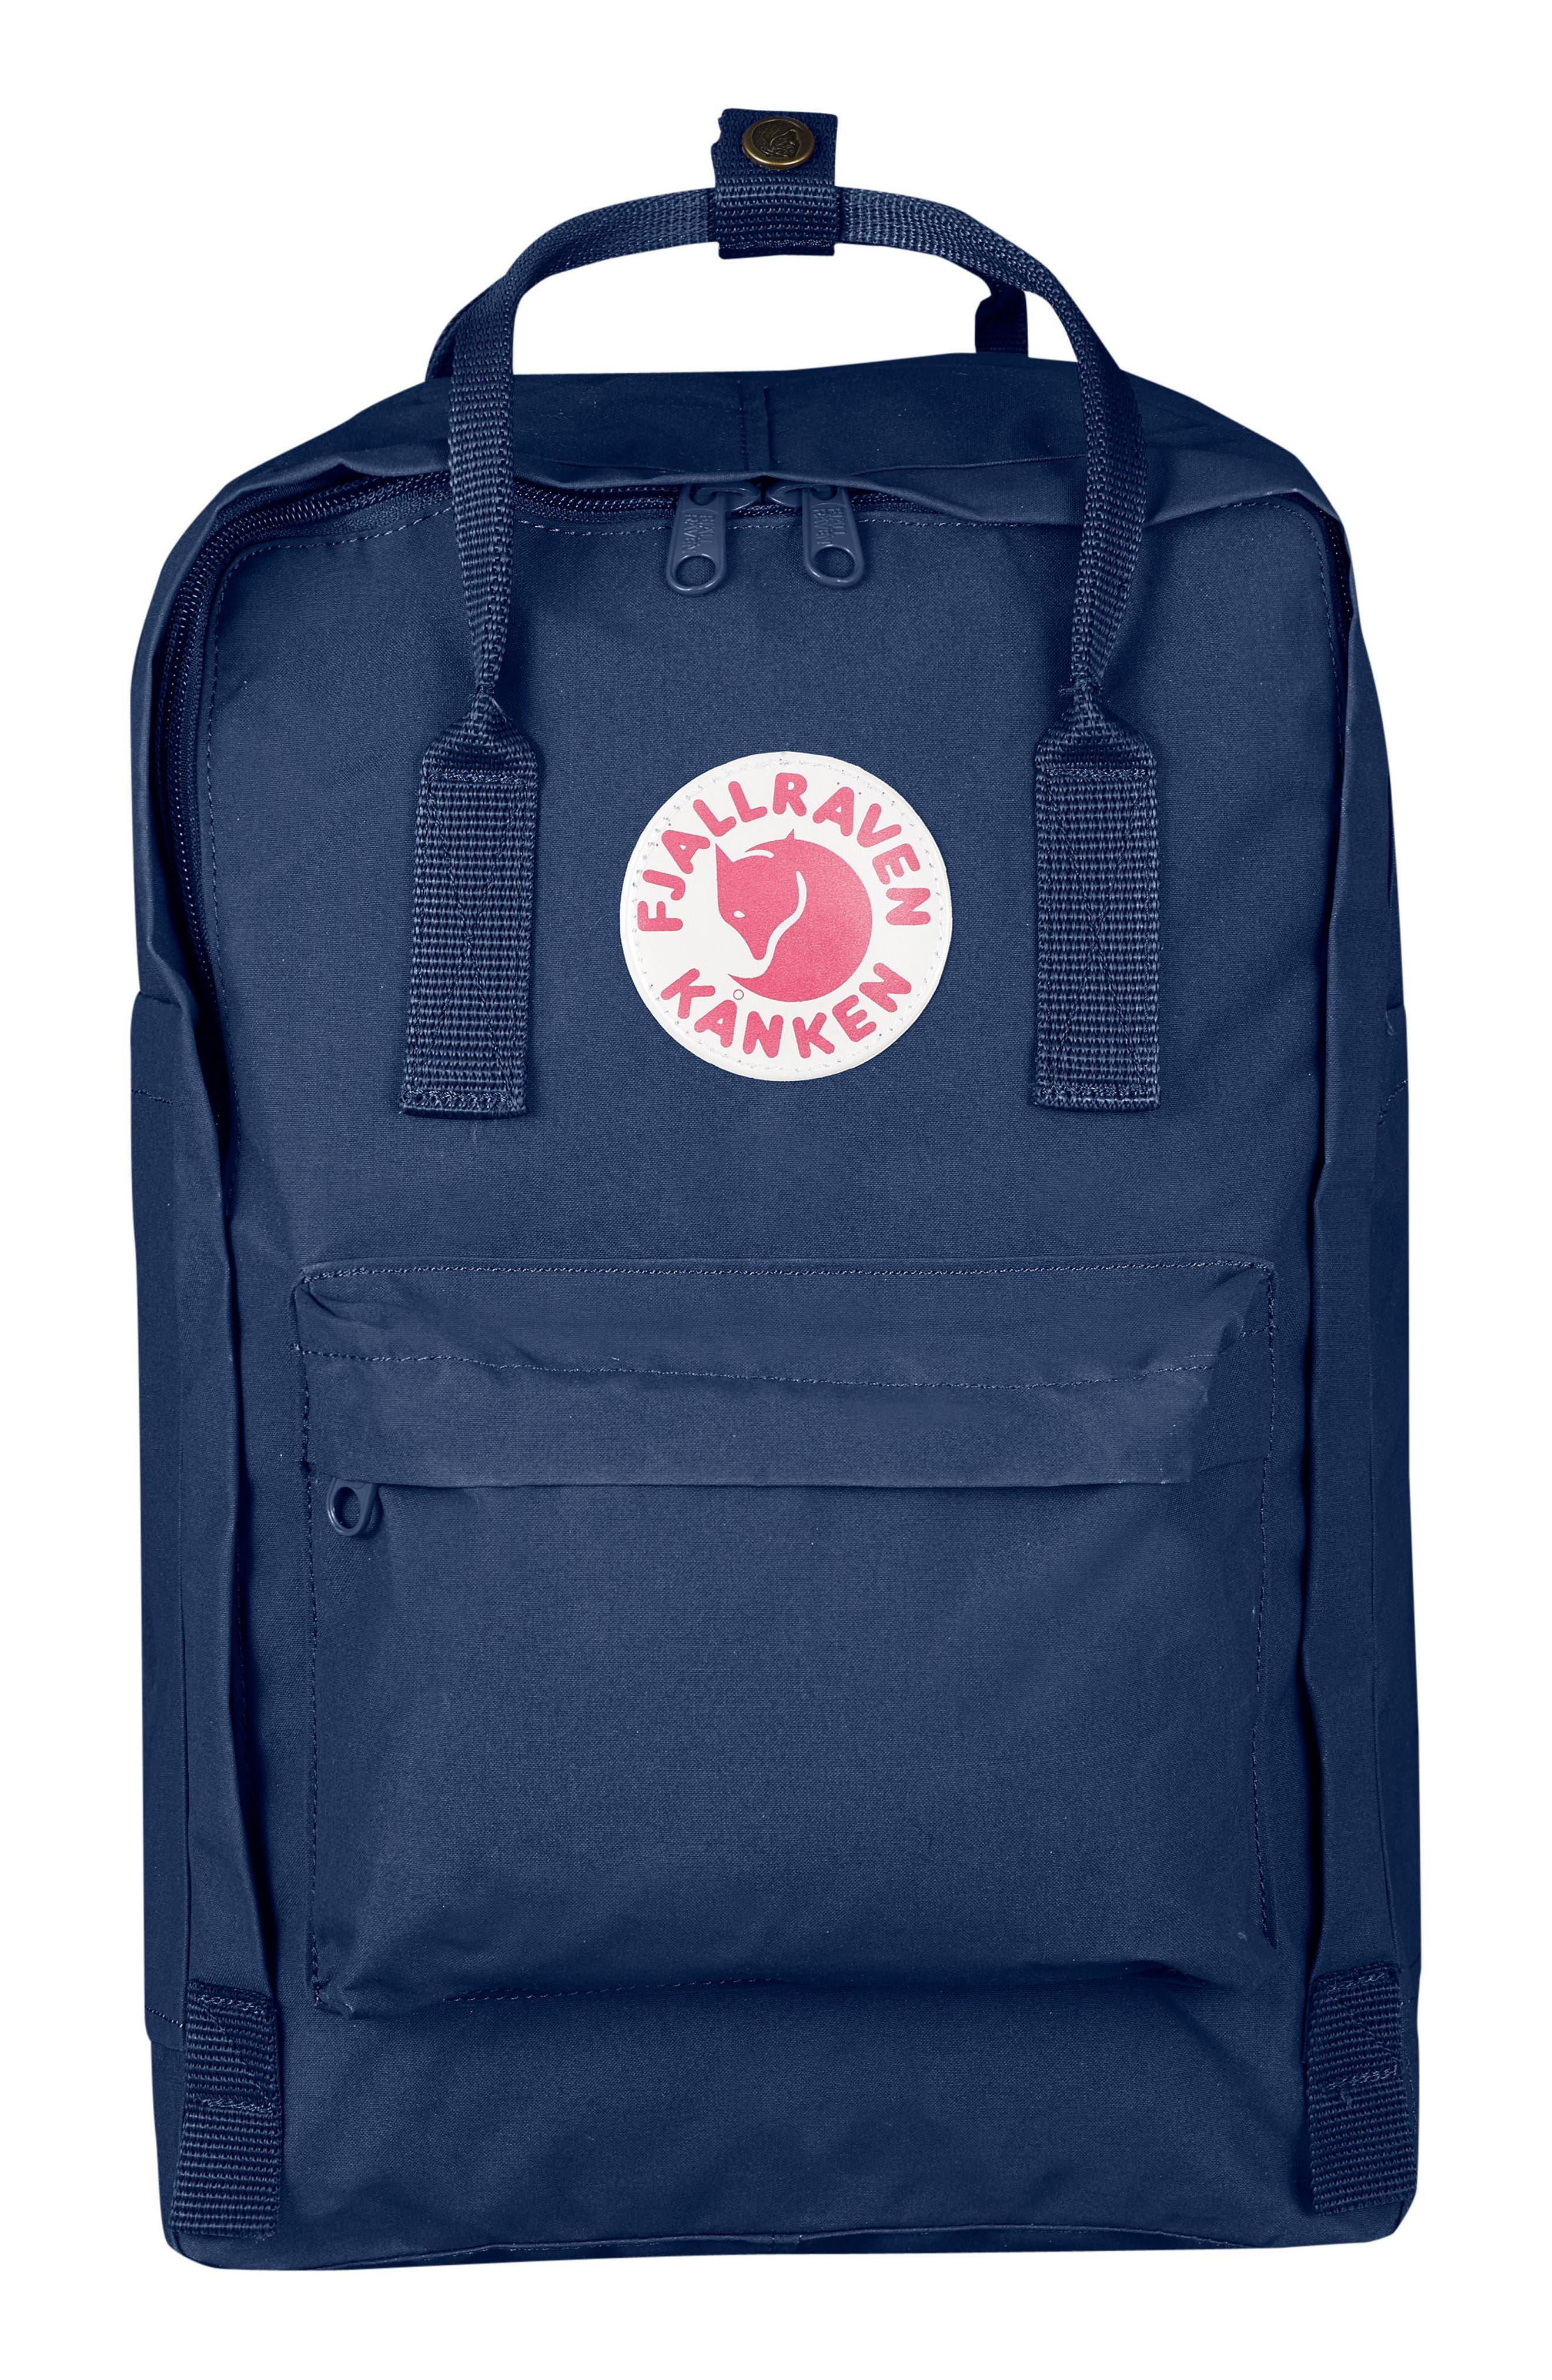 FJÄLLRÄVEN Kånken Laptop Backpack